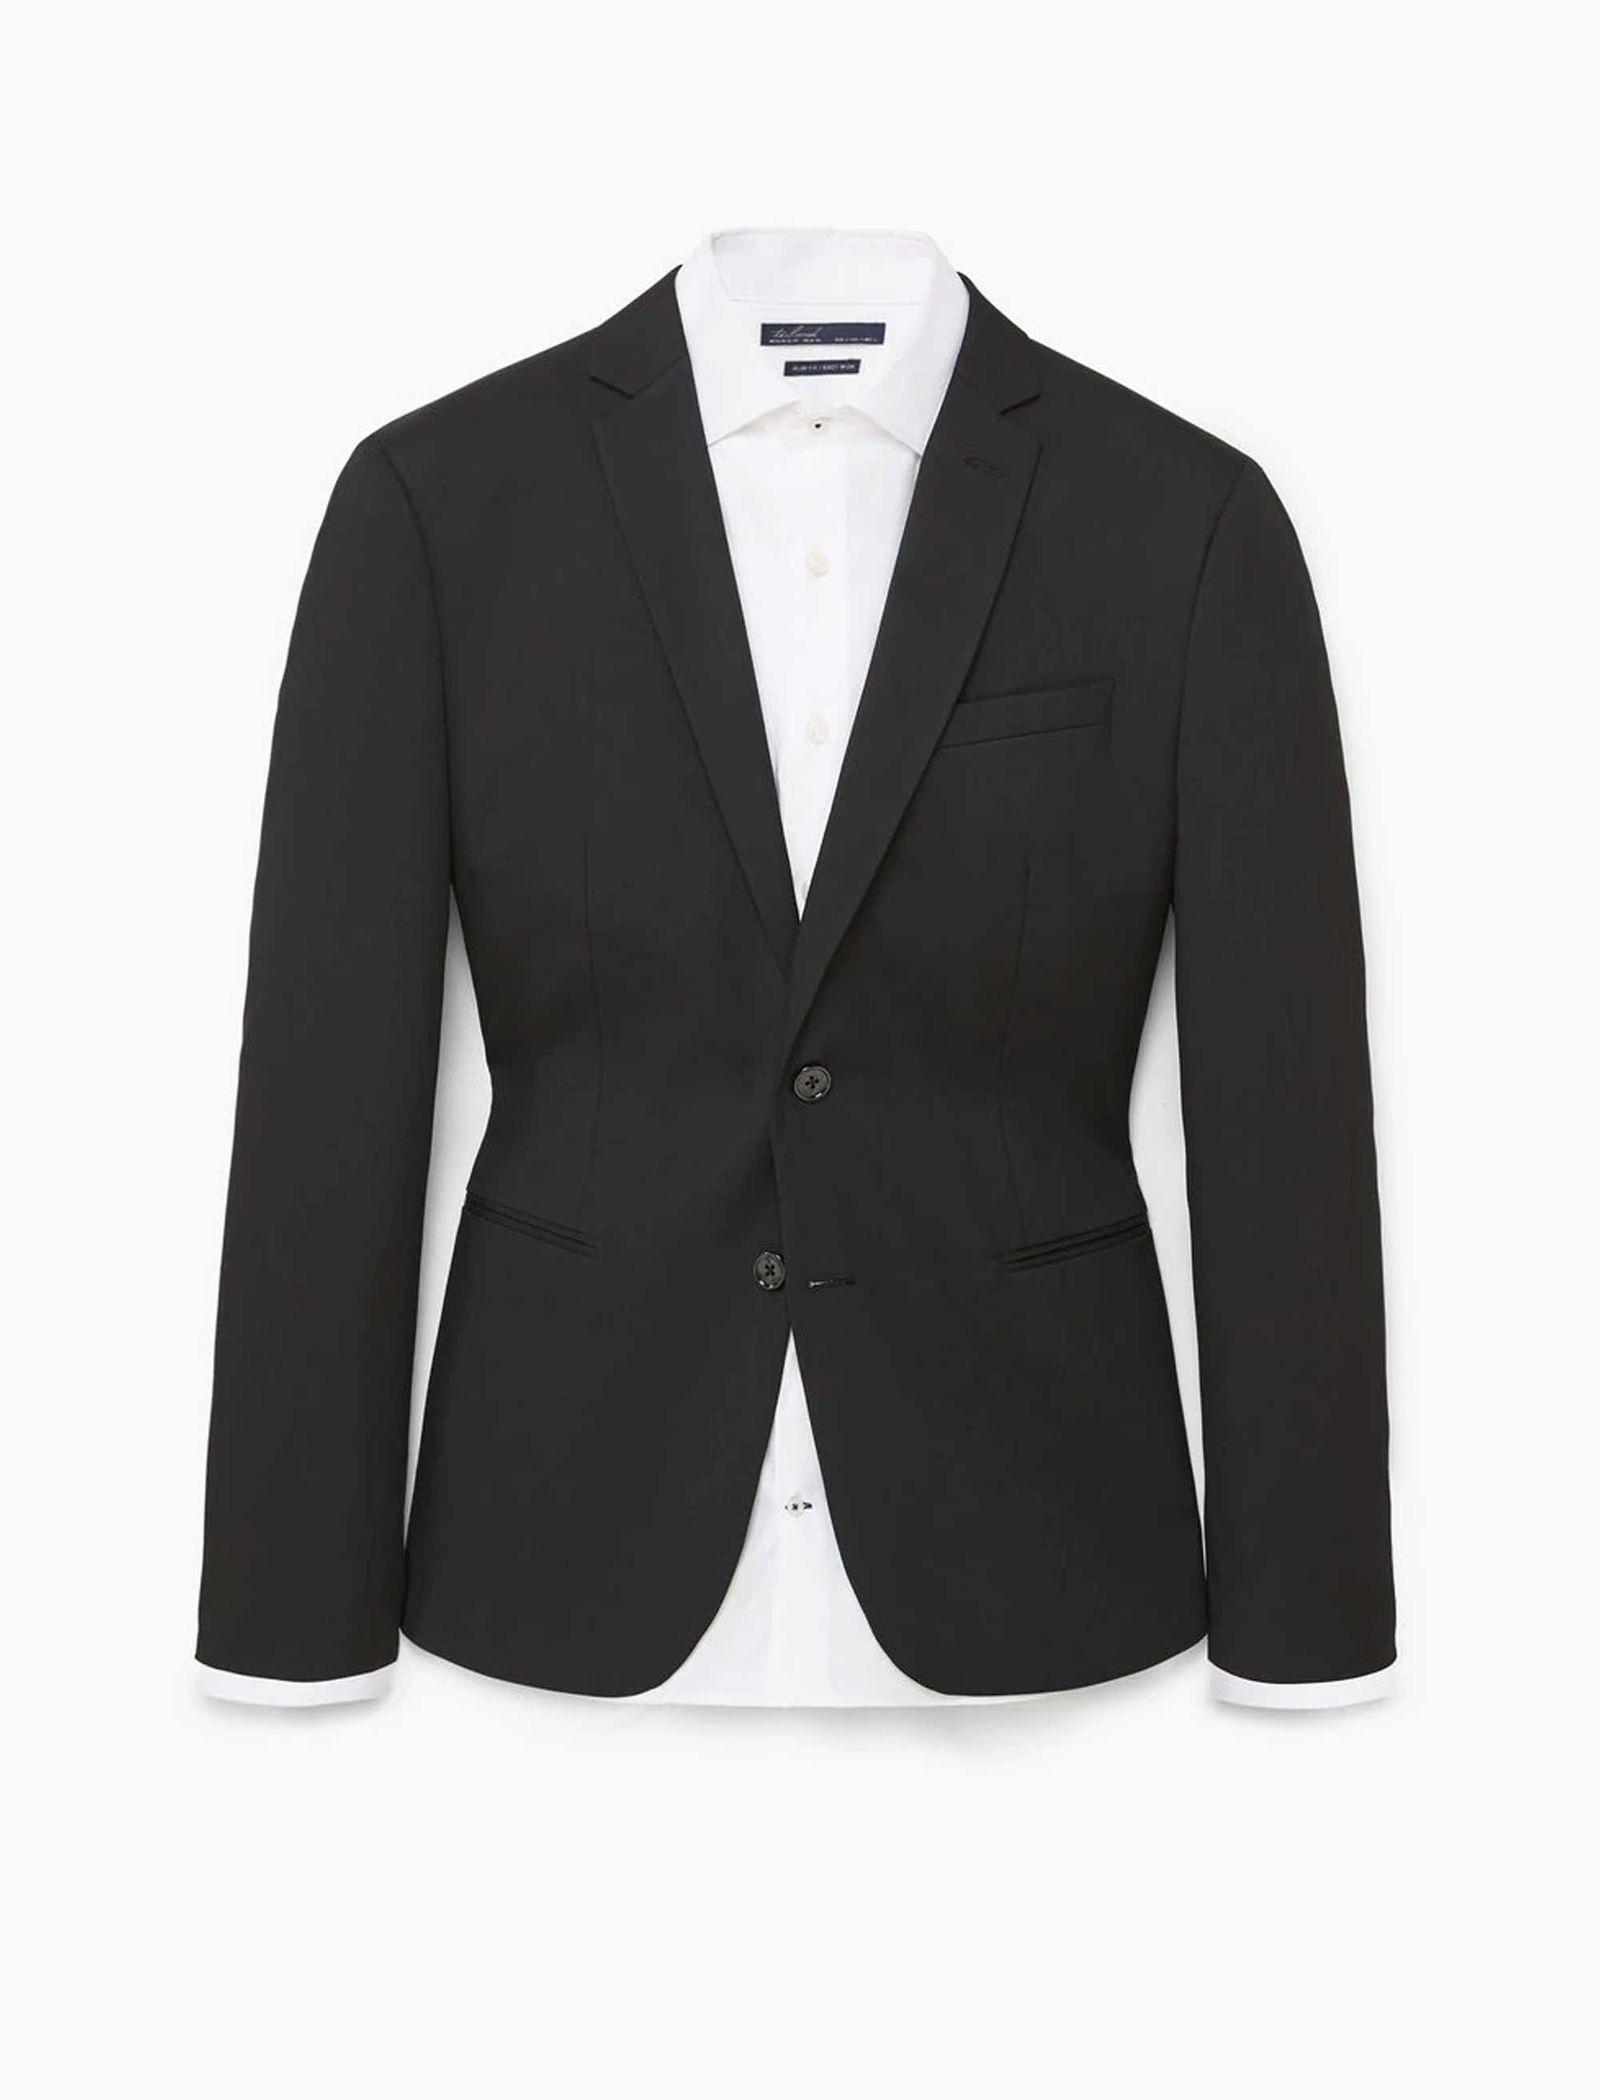 کت تک رسمی مردانه - مانگو - مشکي - 8